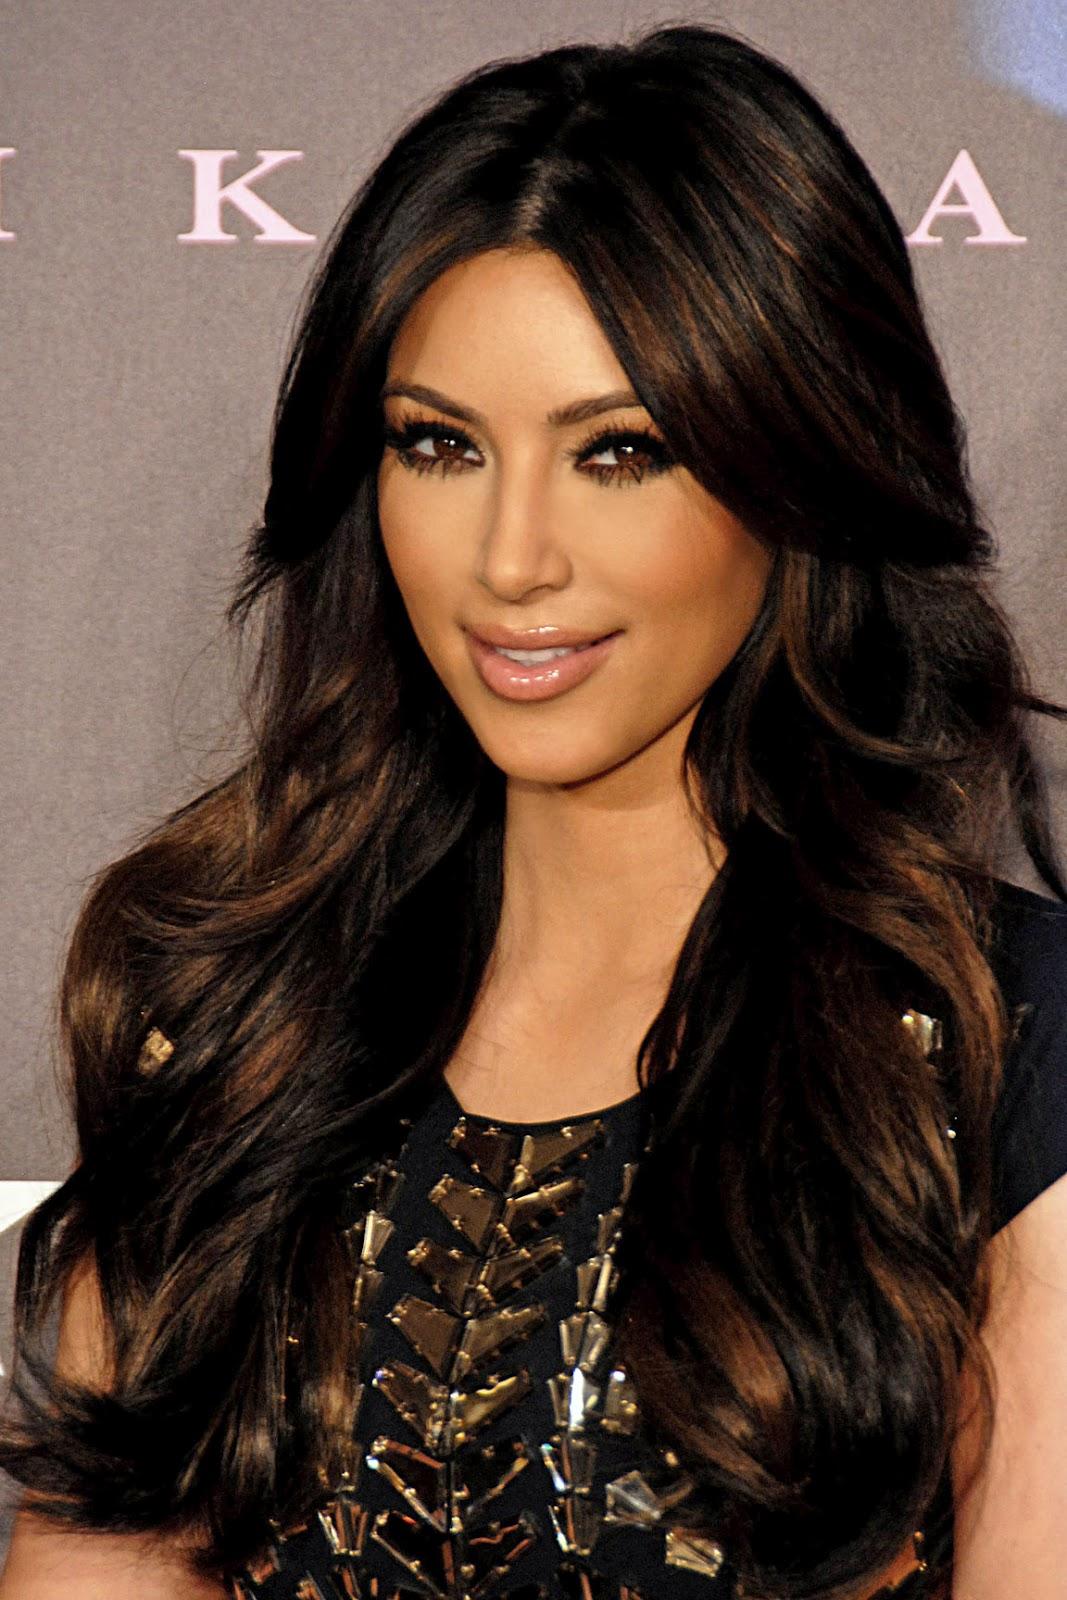 http://4.bp.blogspot.com/-qArsrUQVsYw/UD6qQL-pebI/AAAAAAAAAOM/Zb1-Di53rUw/s1600/Kim_Kardashian.jpg